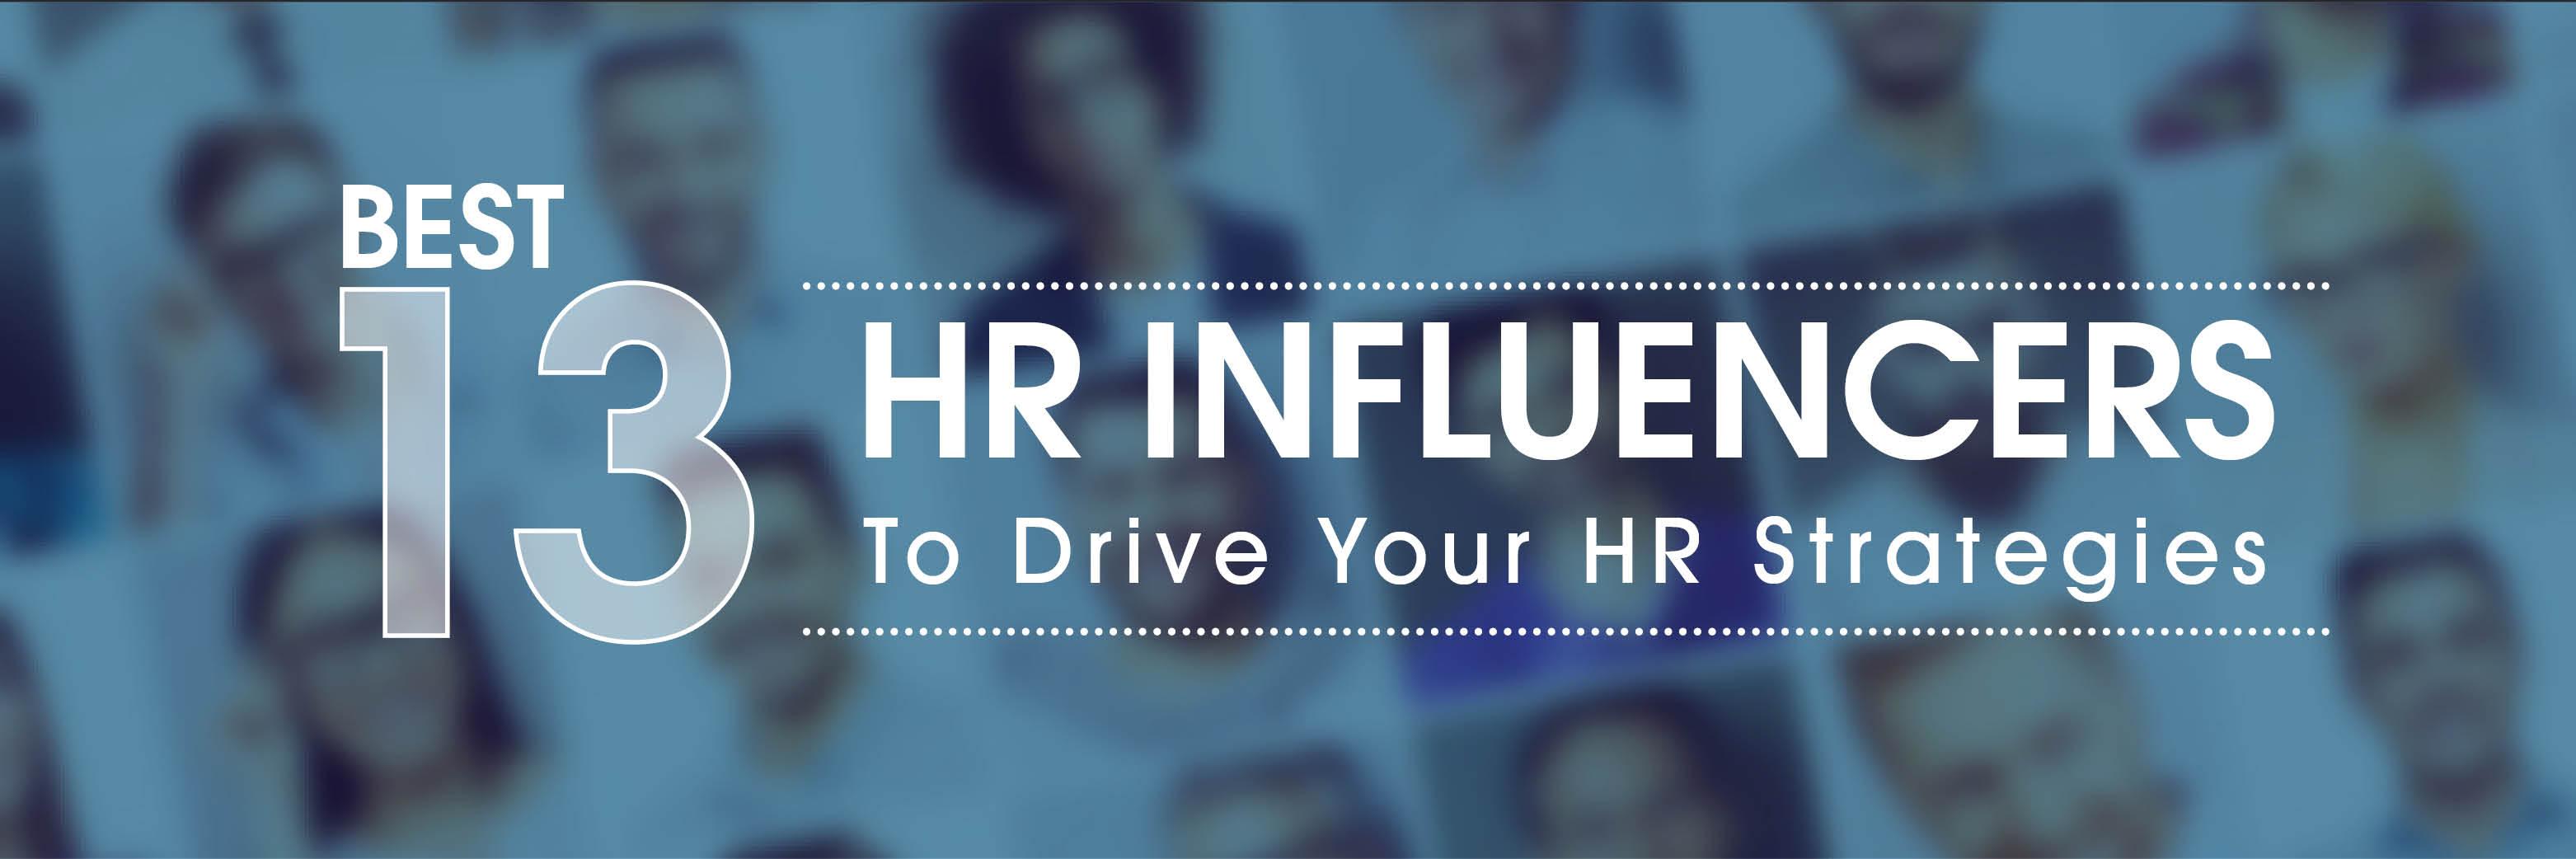 13 best hr influencers